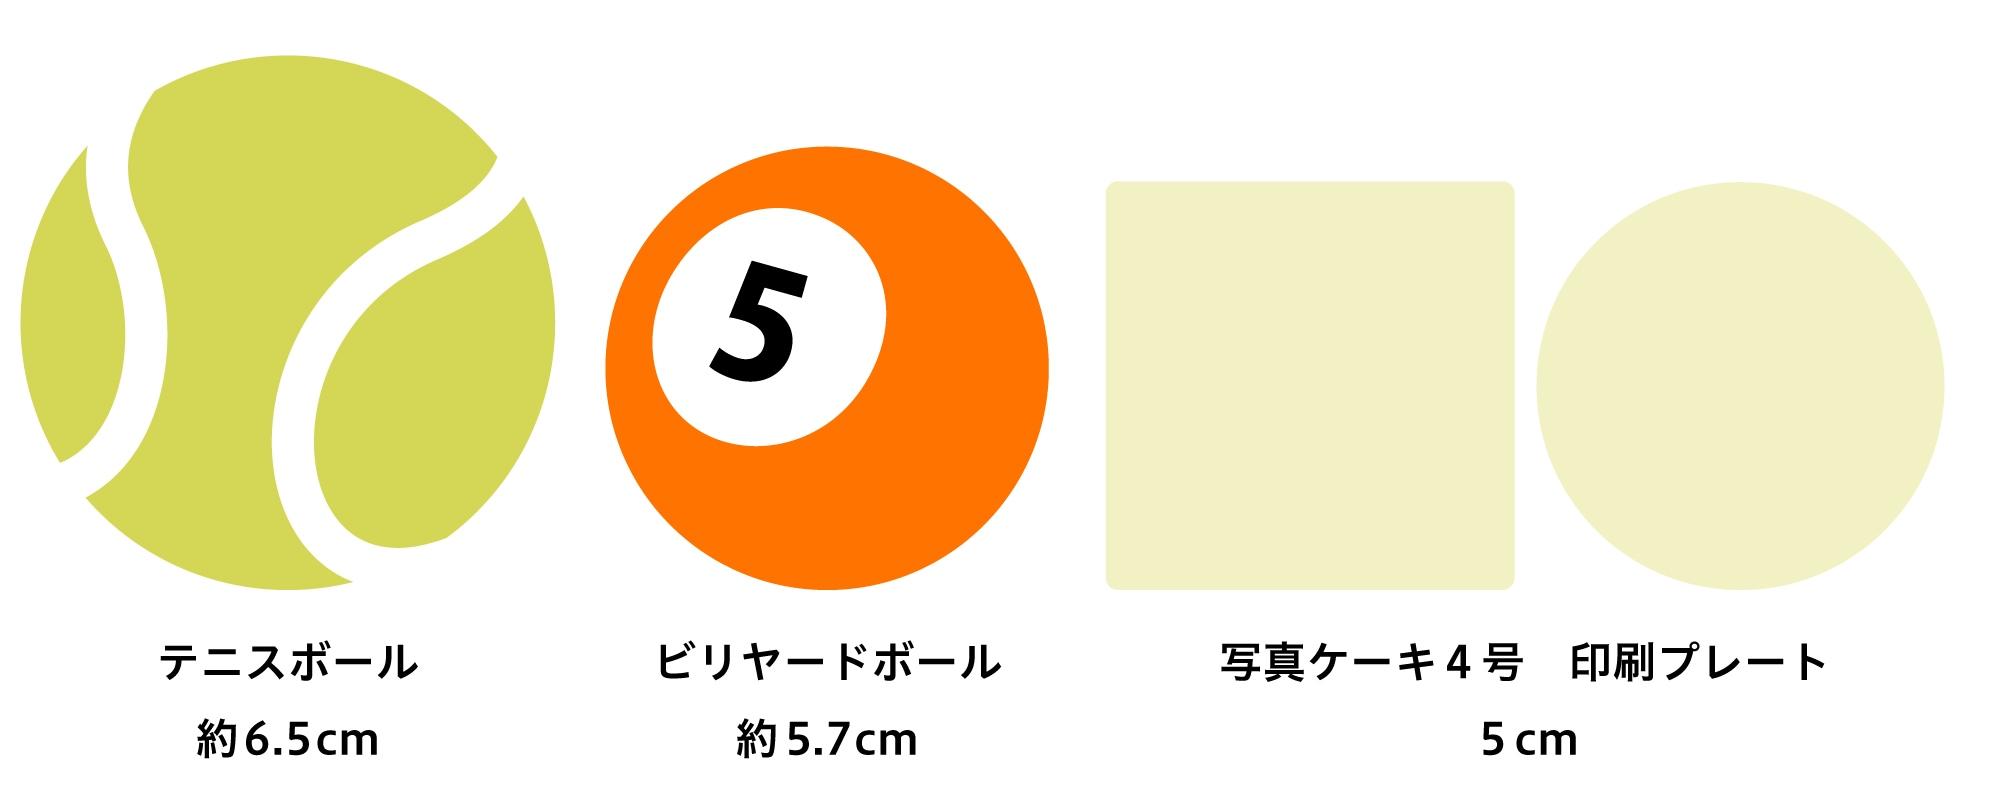 4号印刷範囲